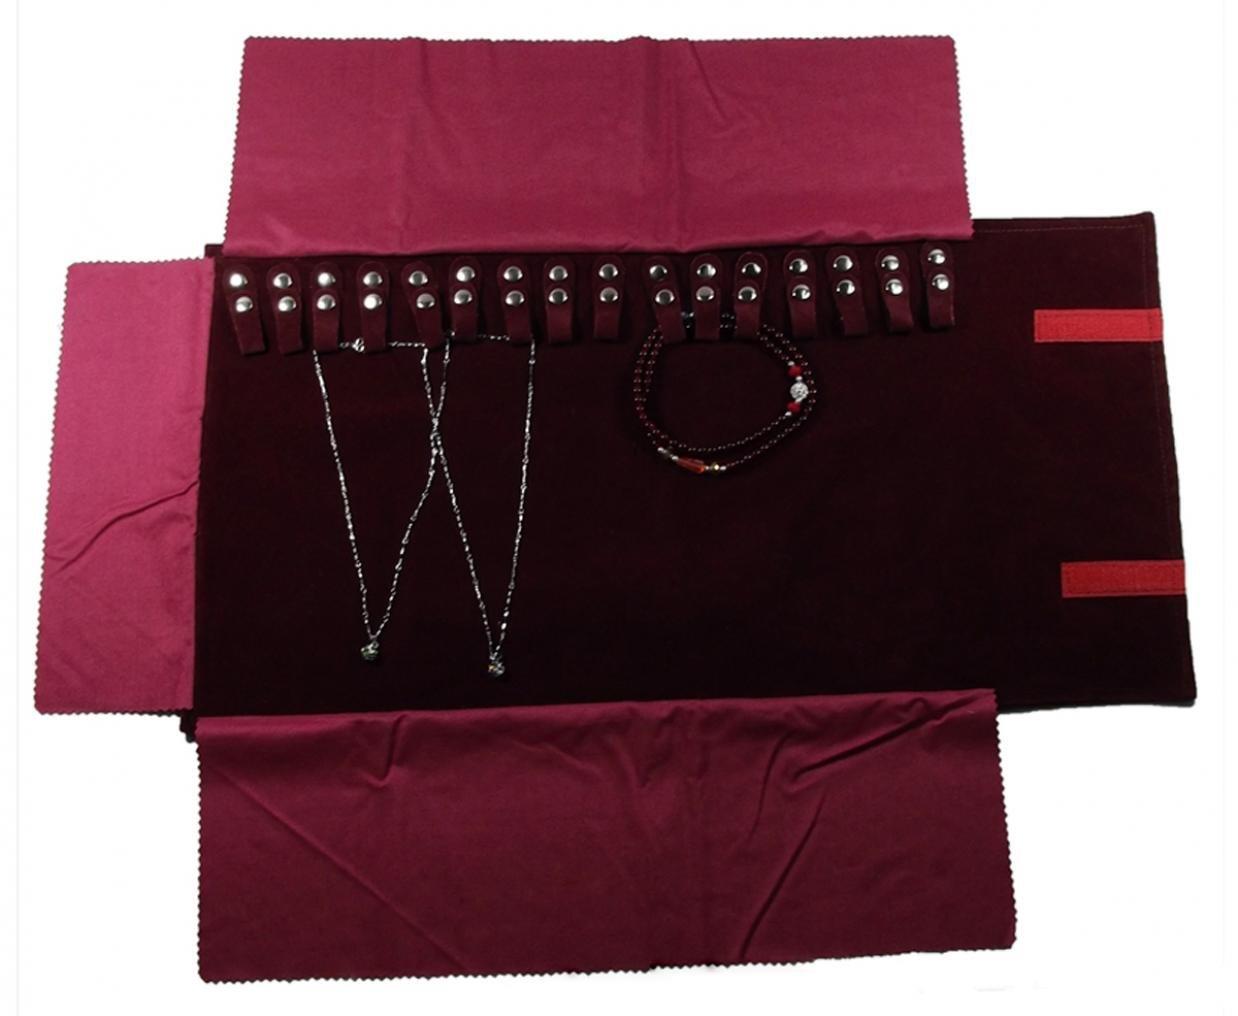 WODISON Gioielli da viaggio in velluto si arrotola in borsa per la collana Claret RoyBella